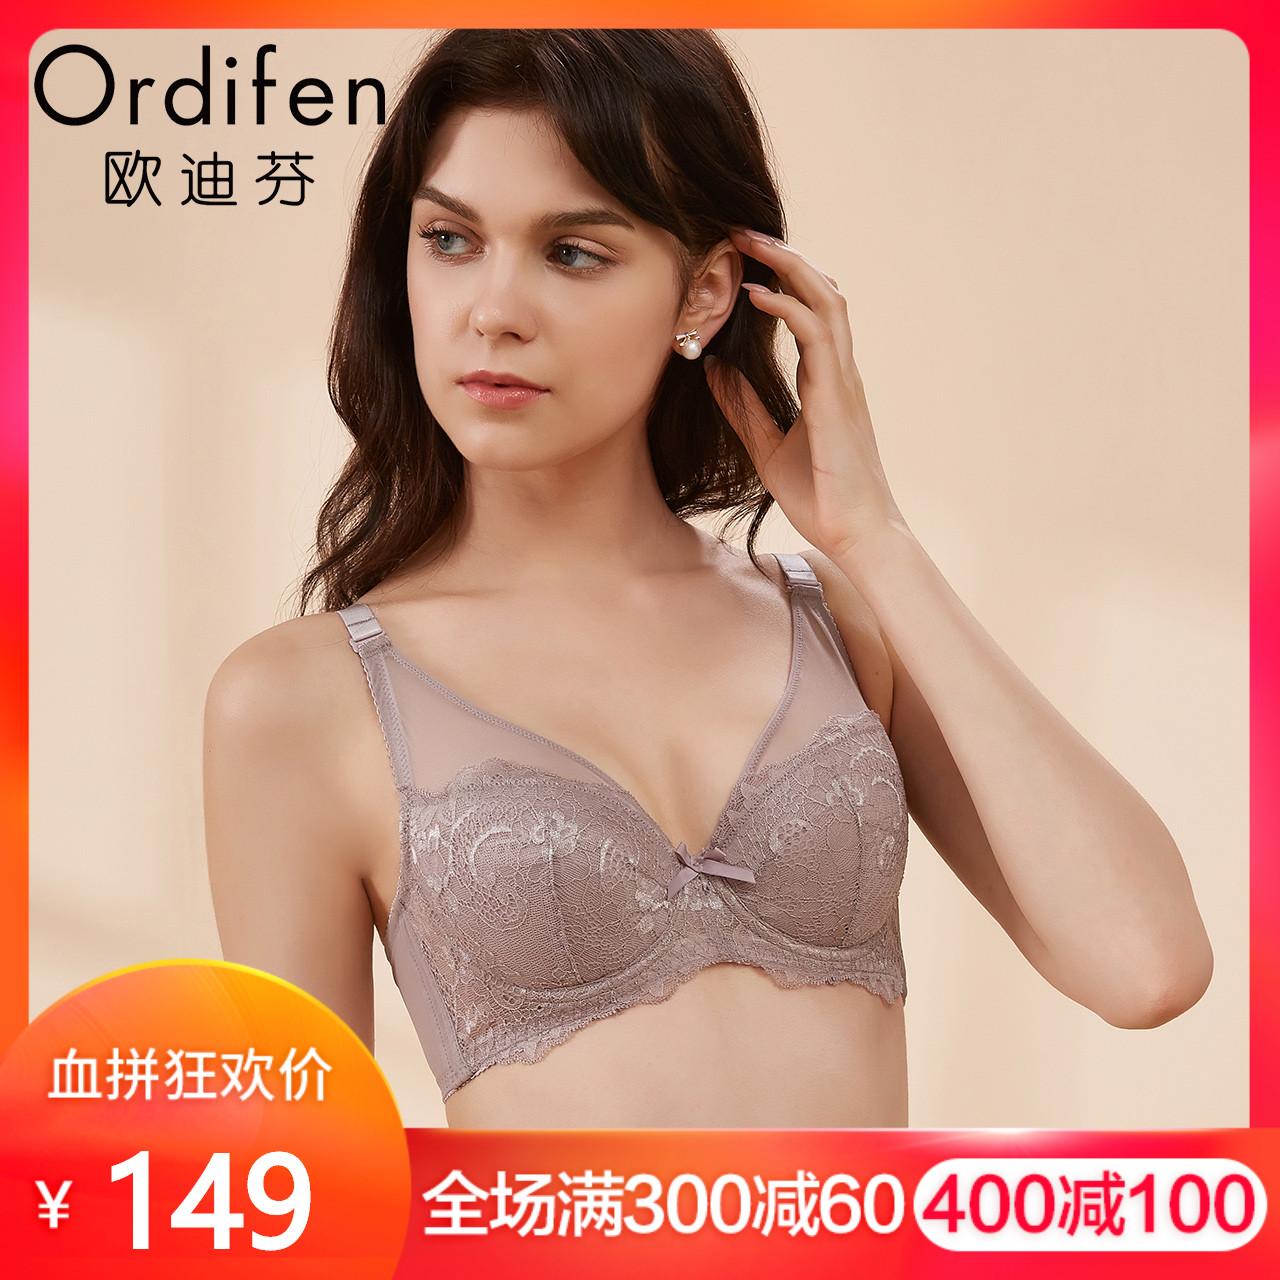 欧迪芬 女士性感大码内衣女聚拢文胸大胸显小薄款胸罩乳罩XB8357